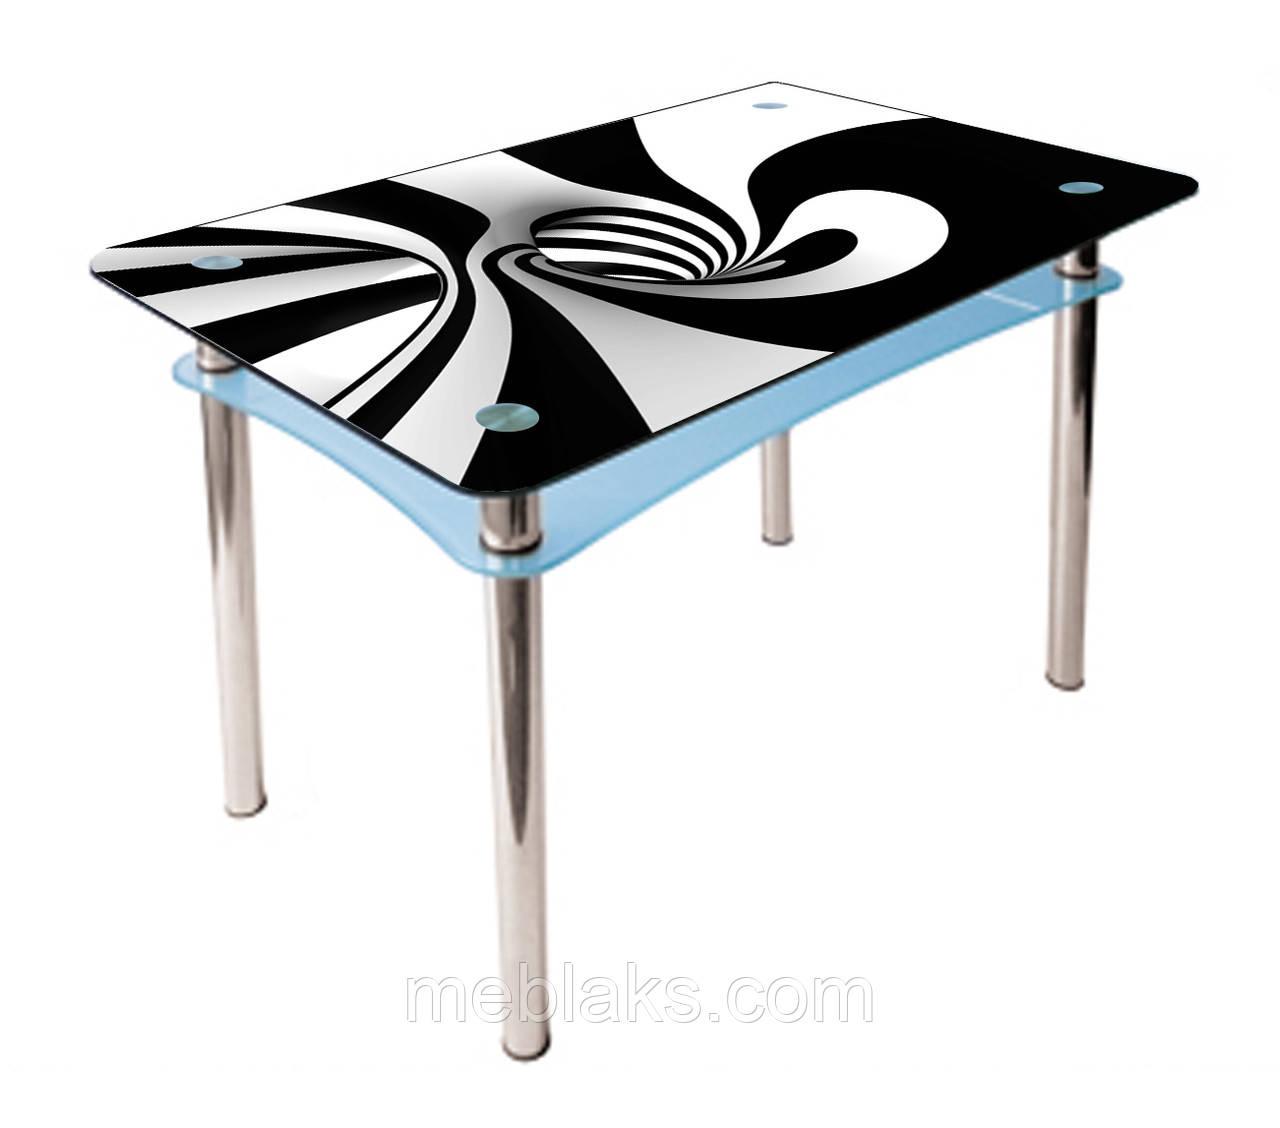 Стол стеклянный Абрис (покраска)